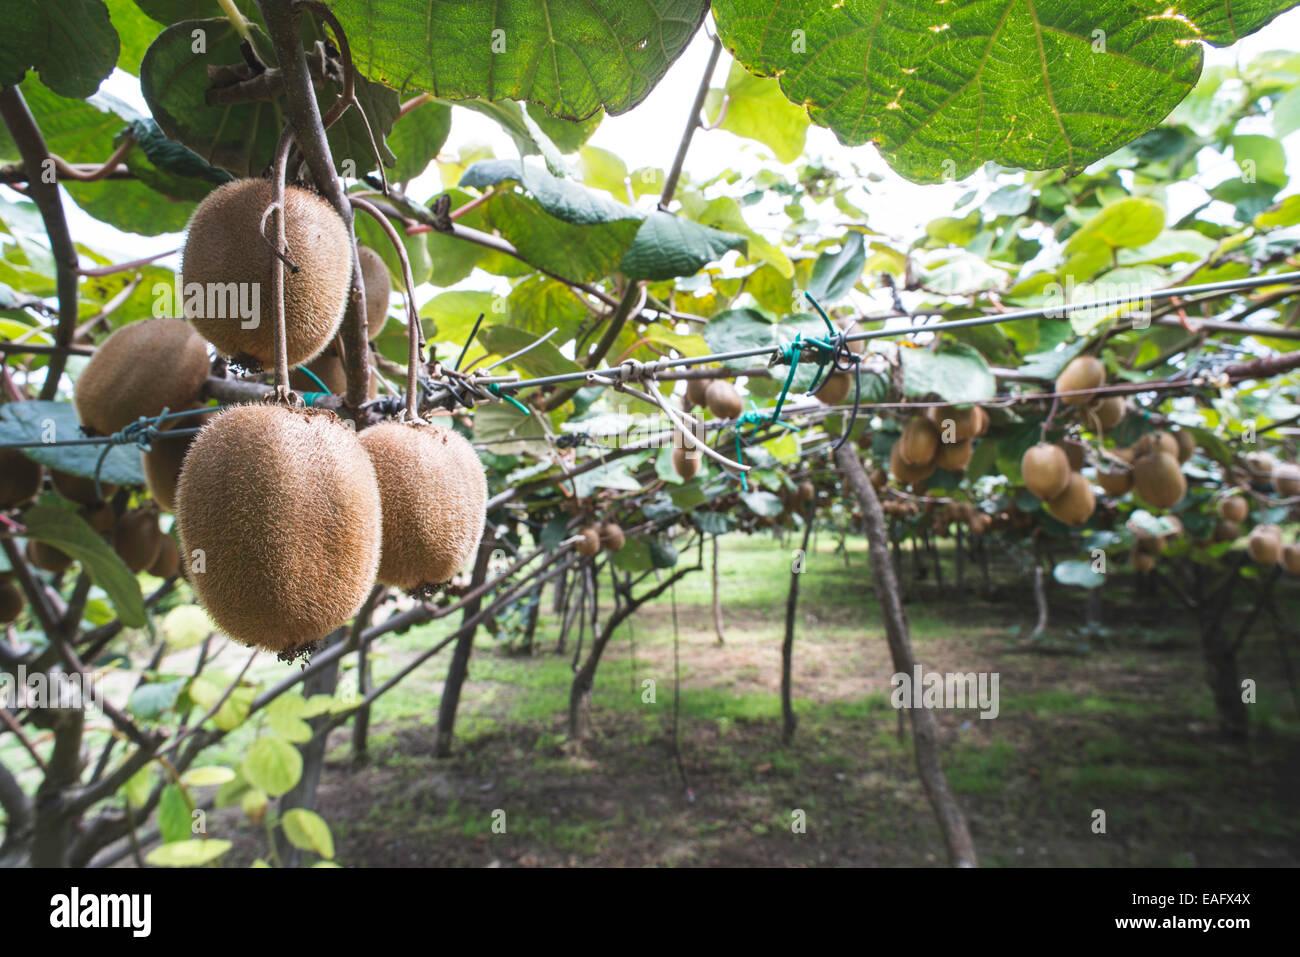 Kiwi plant close up. Day light - Stock Image